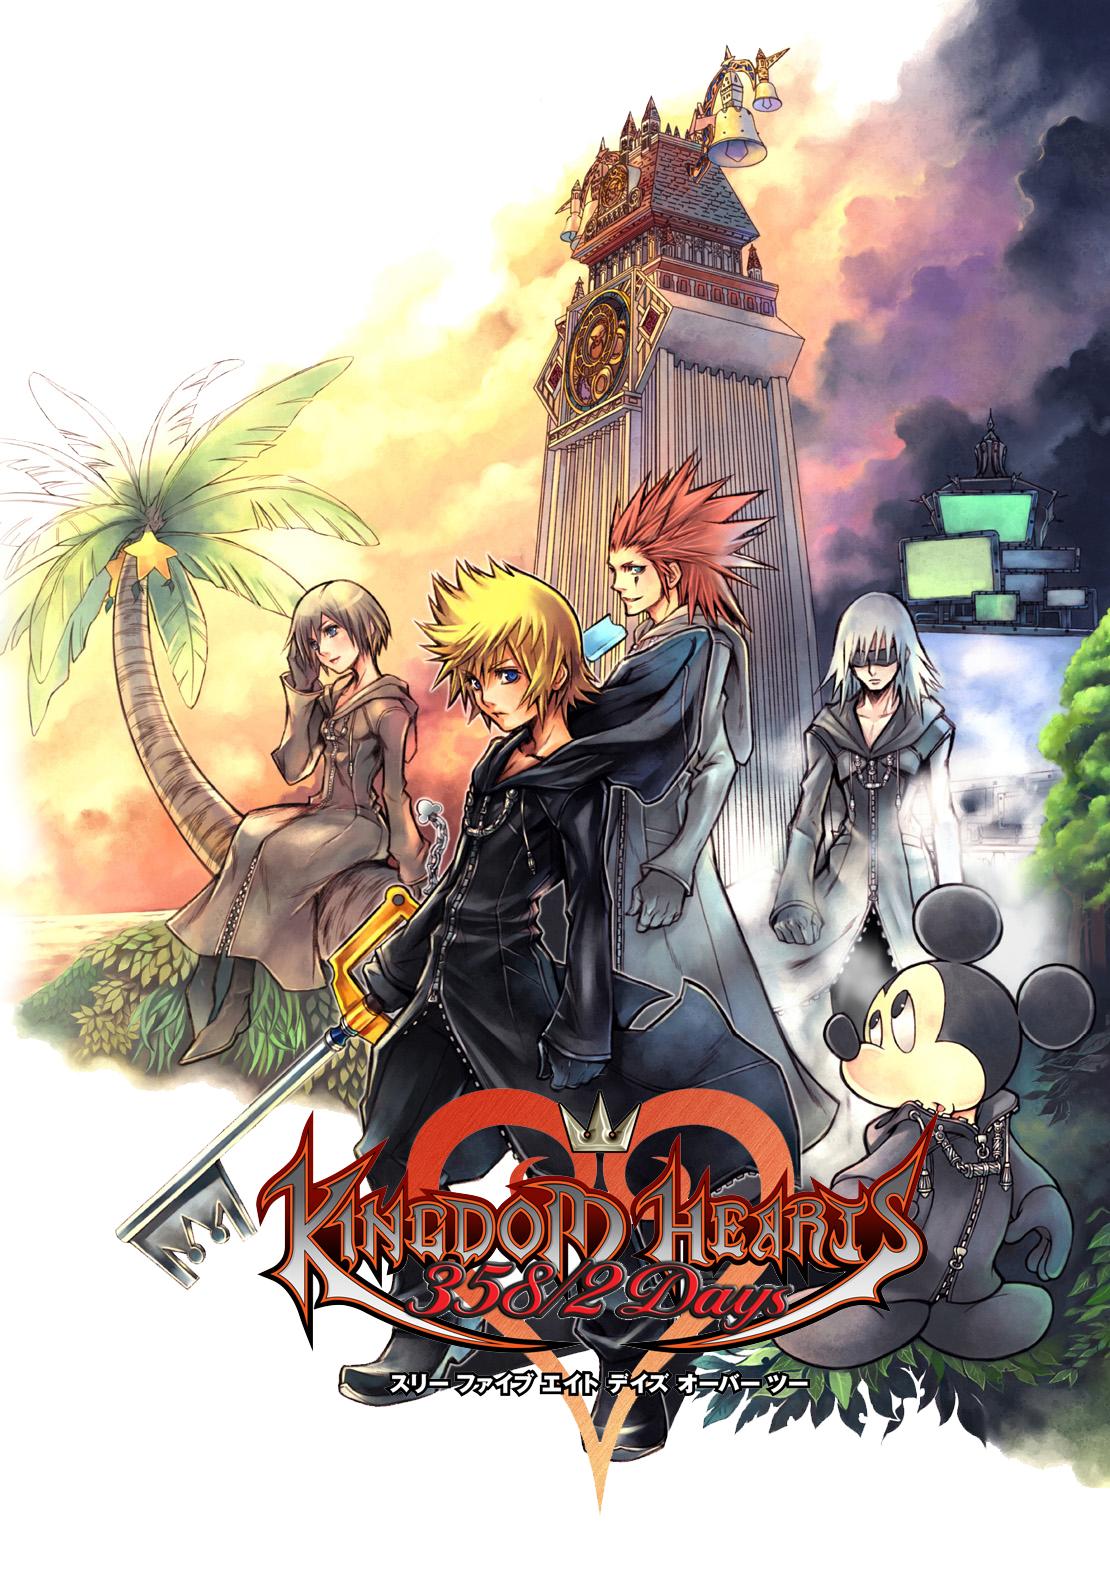 Qu'est ce qu'un bon titlescreen ? Kingdom_Hearts_358_2_days_by_CoolPsTuts